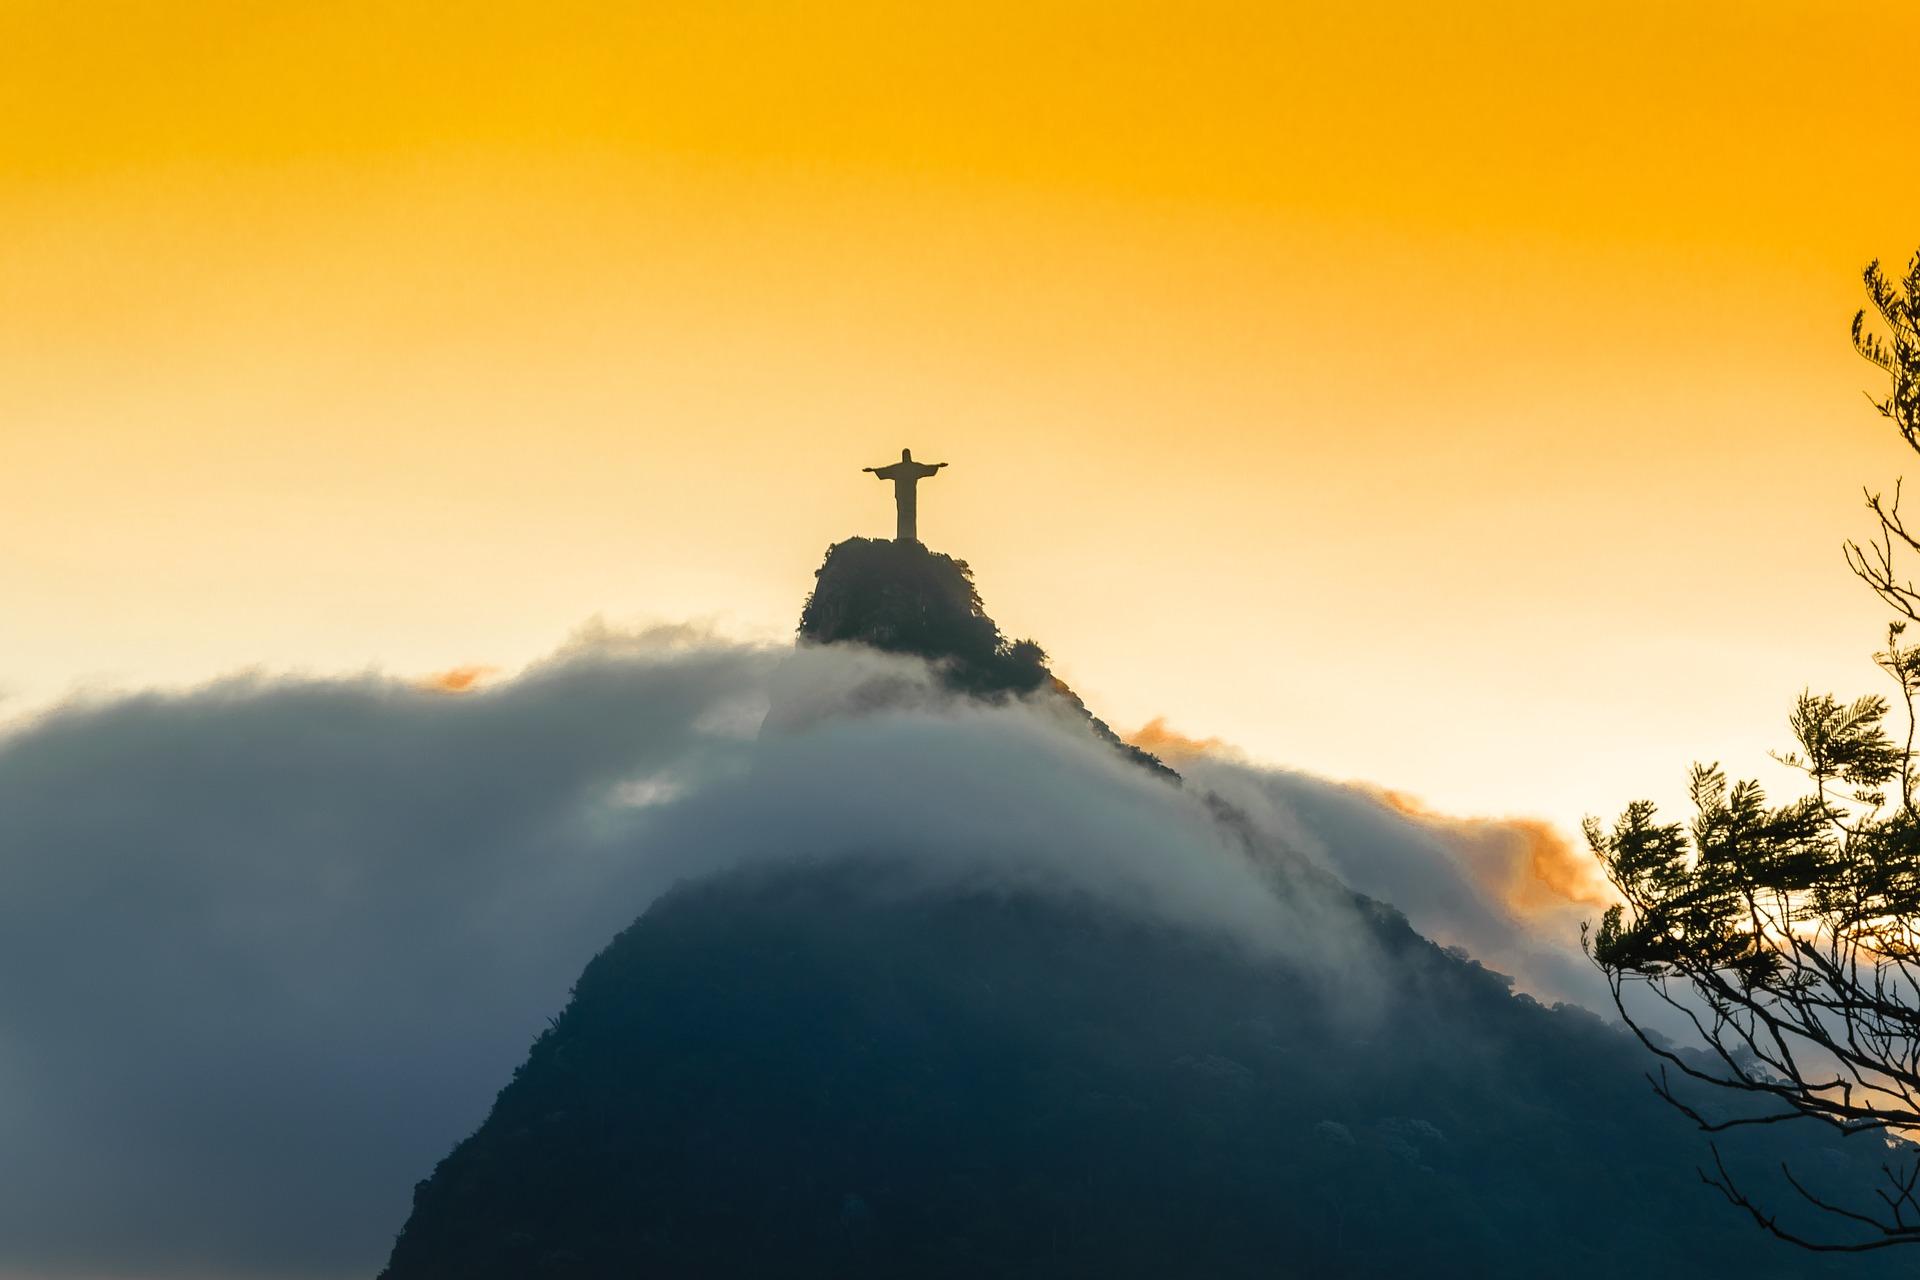 Снимки от Приключение в Аржентина и Бразилия 22.01.2020 г. и 20.03.2020 г.